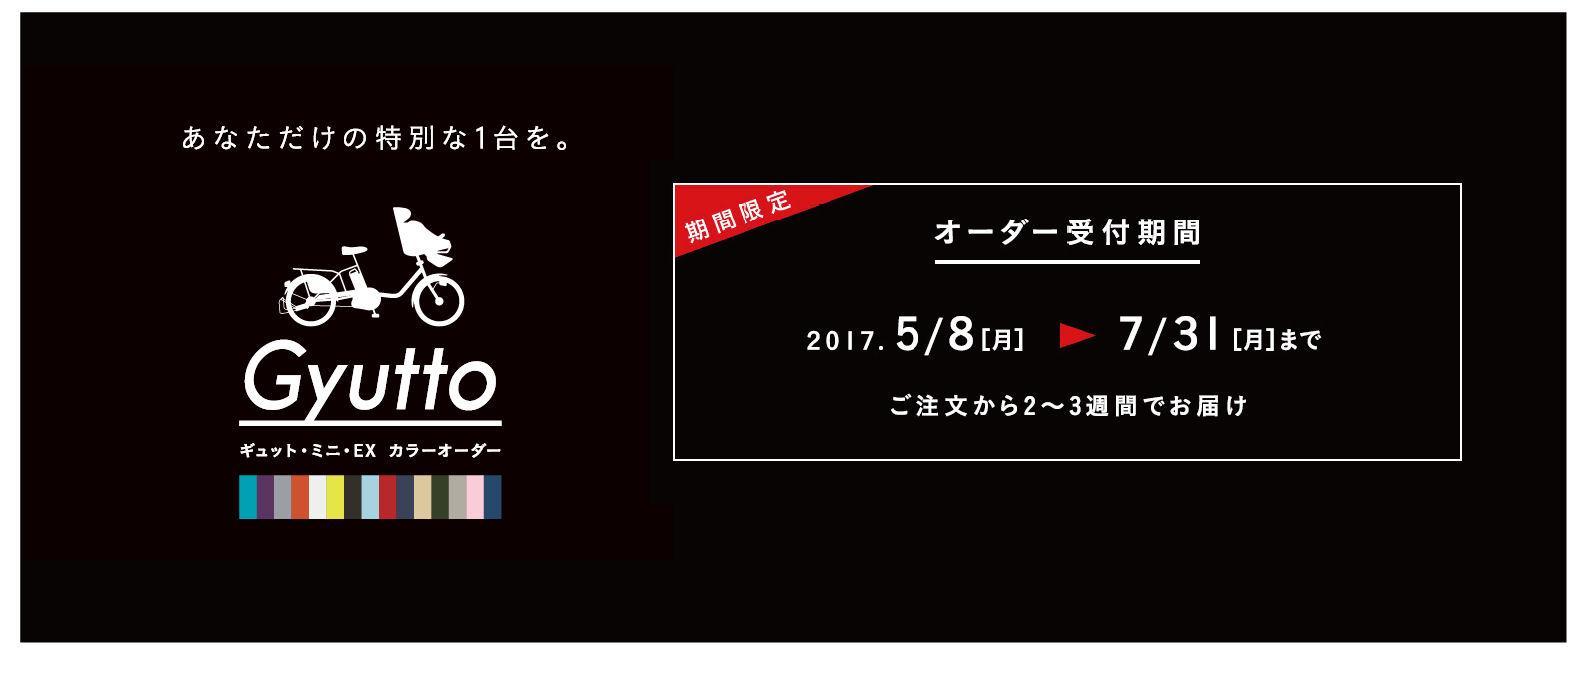 【期間限定】電動アシスト自転車「ギュット・ミニ・EX」カラーオーダーサービスを実施